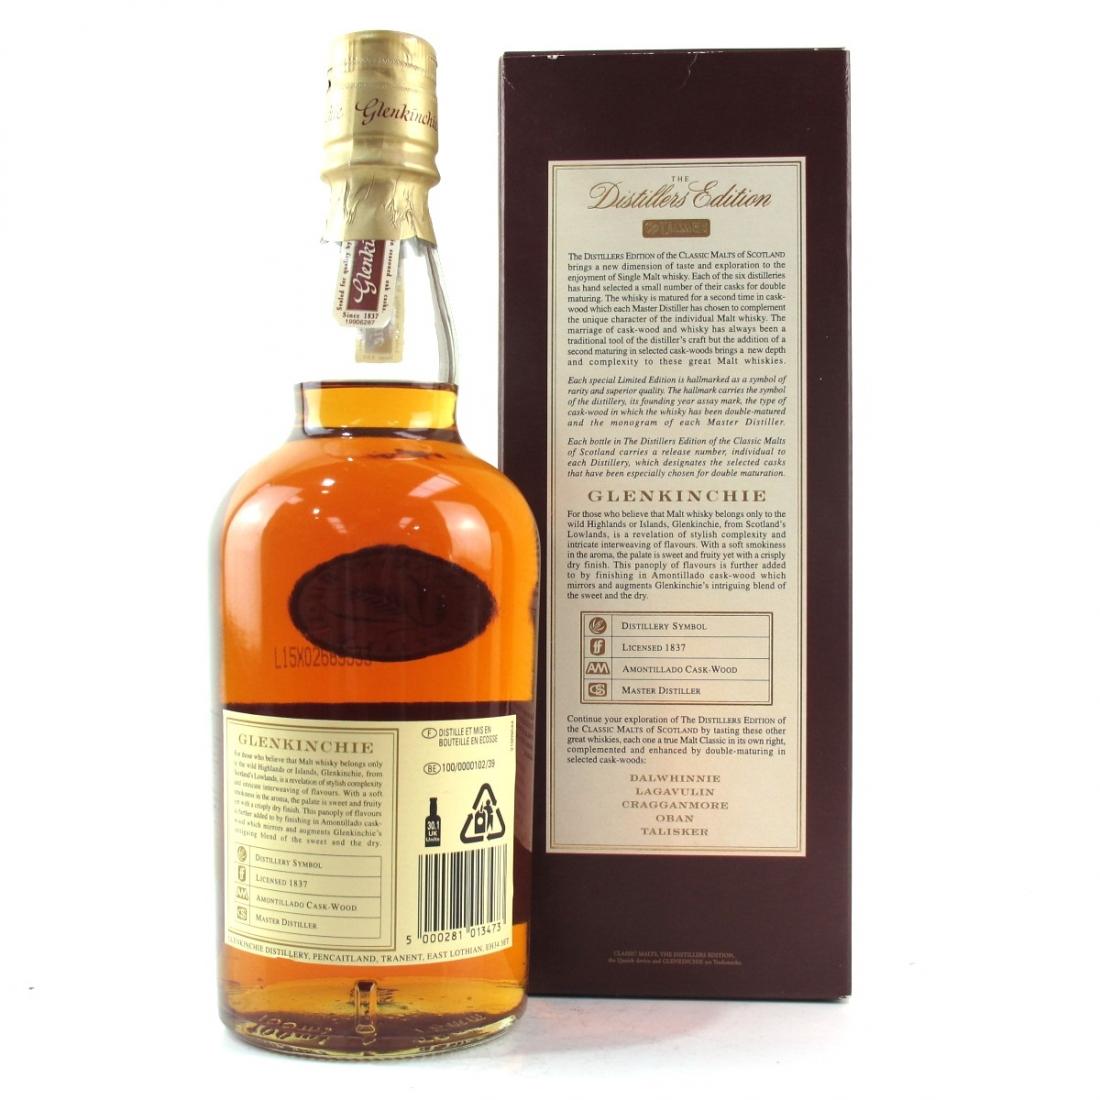 Glenkinchie 1990 Distiller's Edition 2004